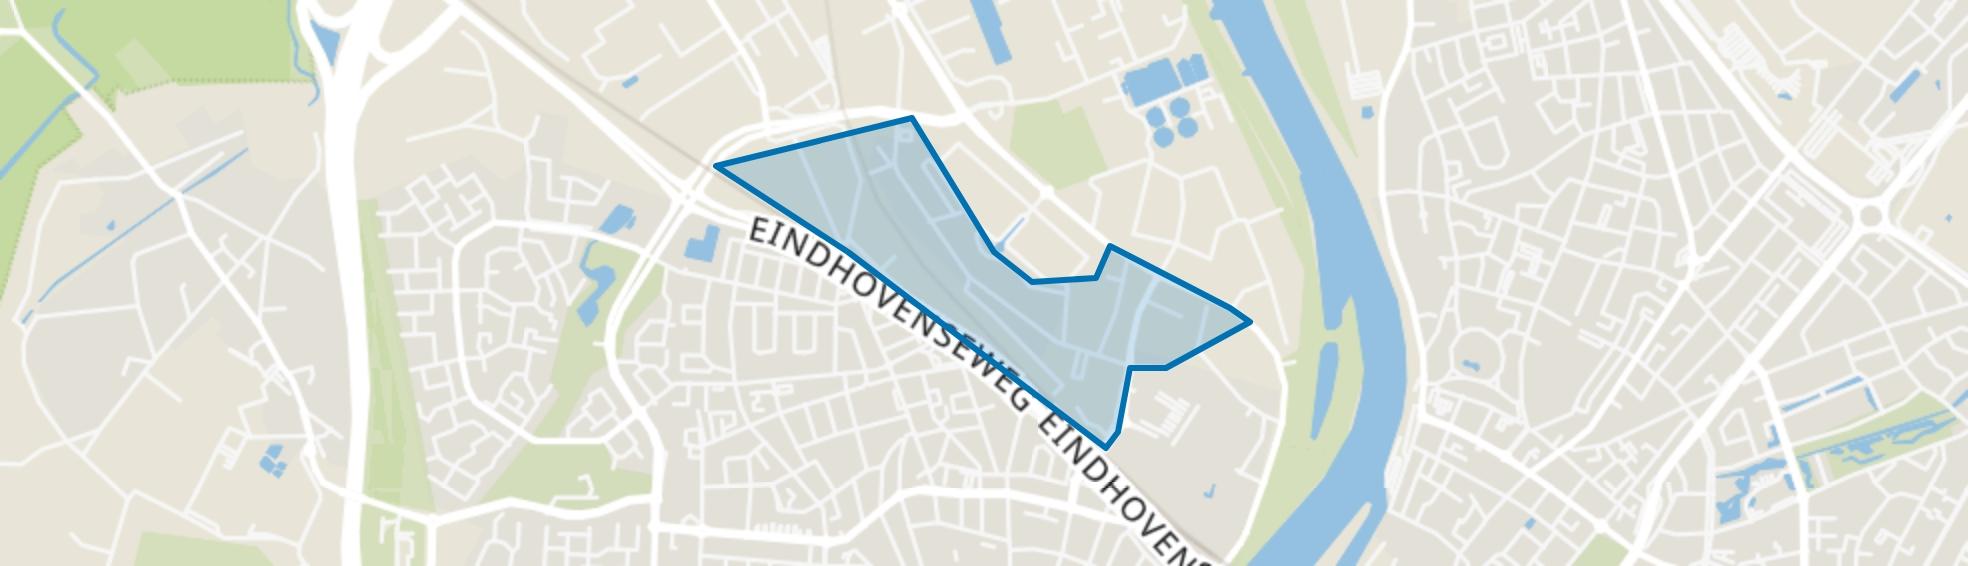 Horsterweg, Venlo map